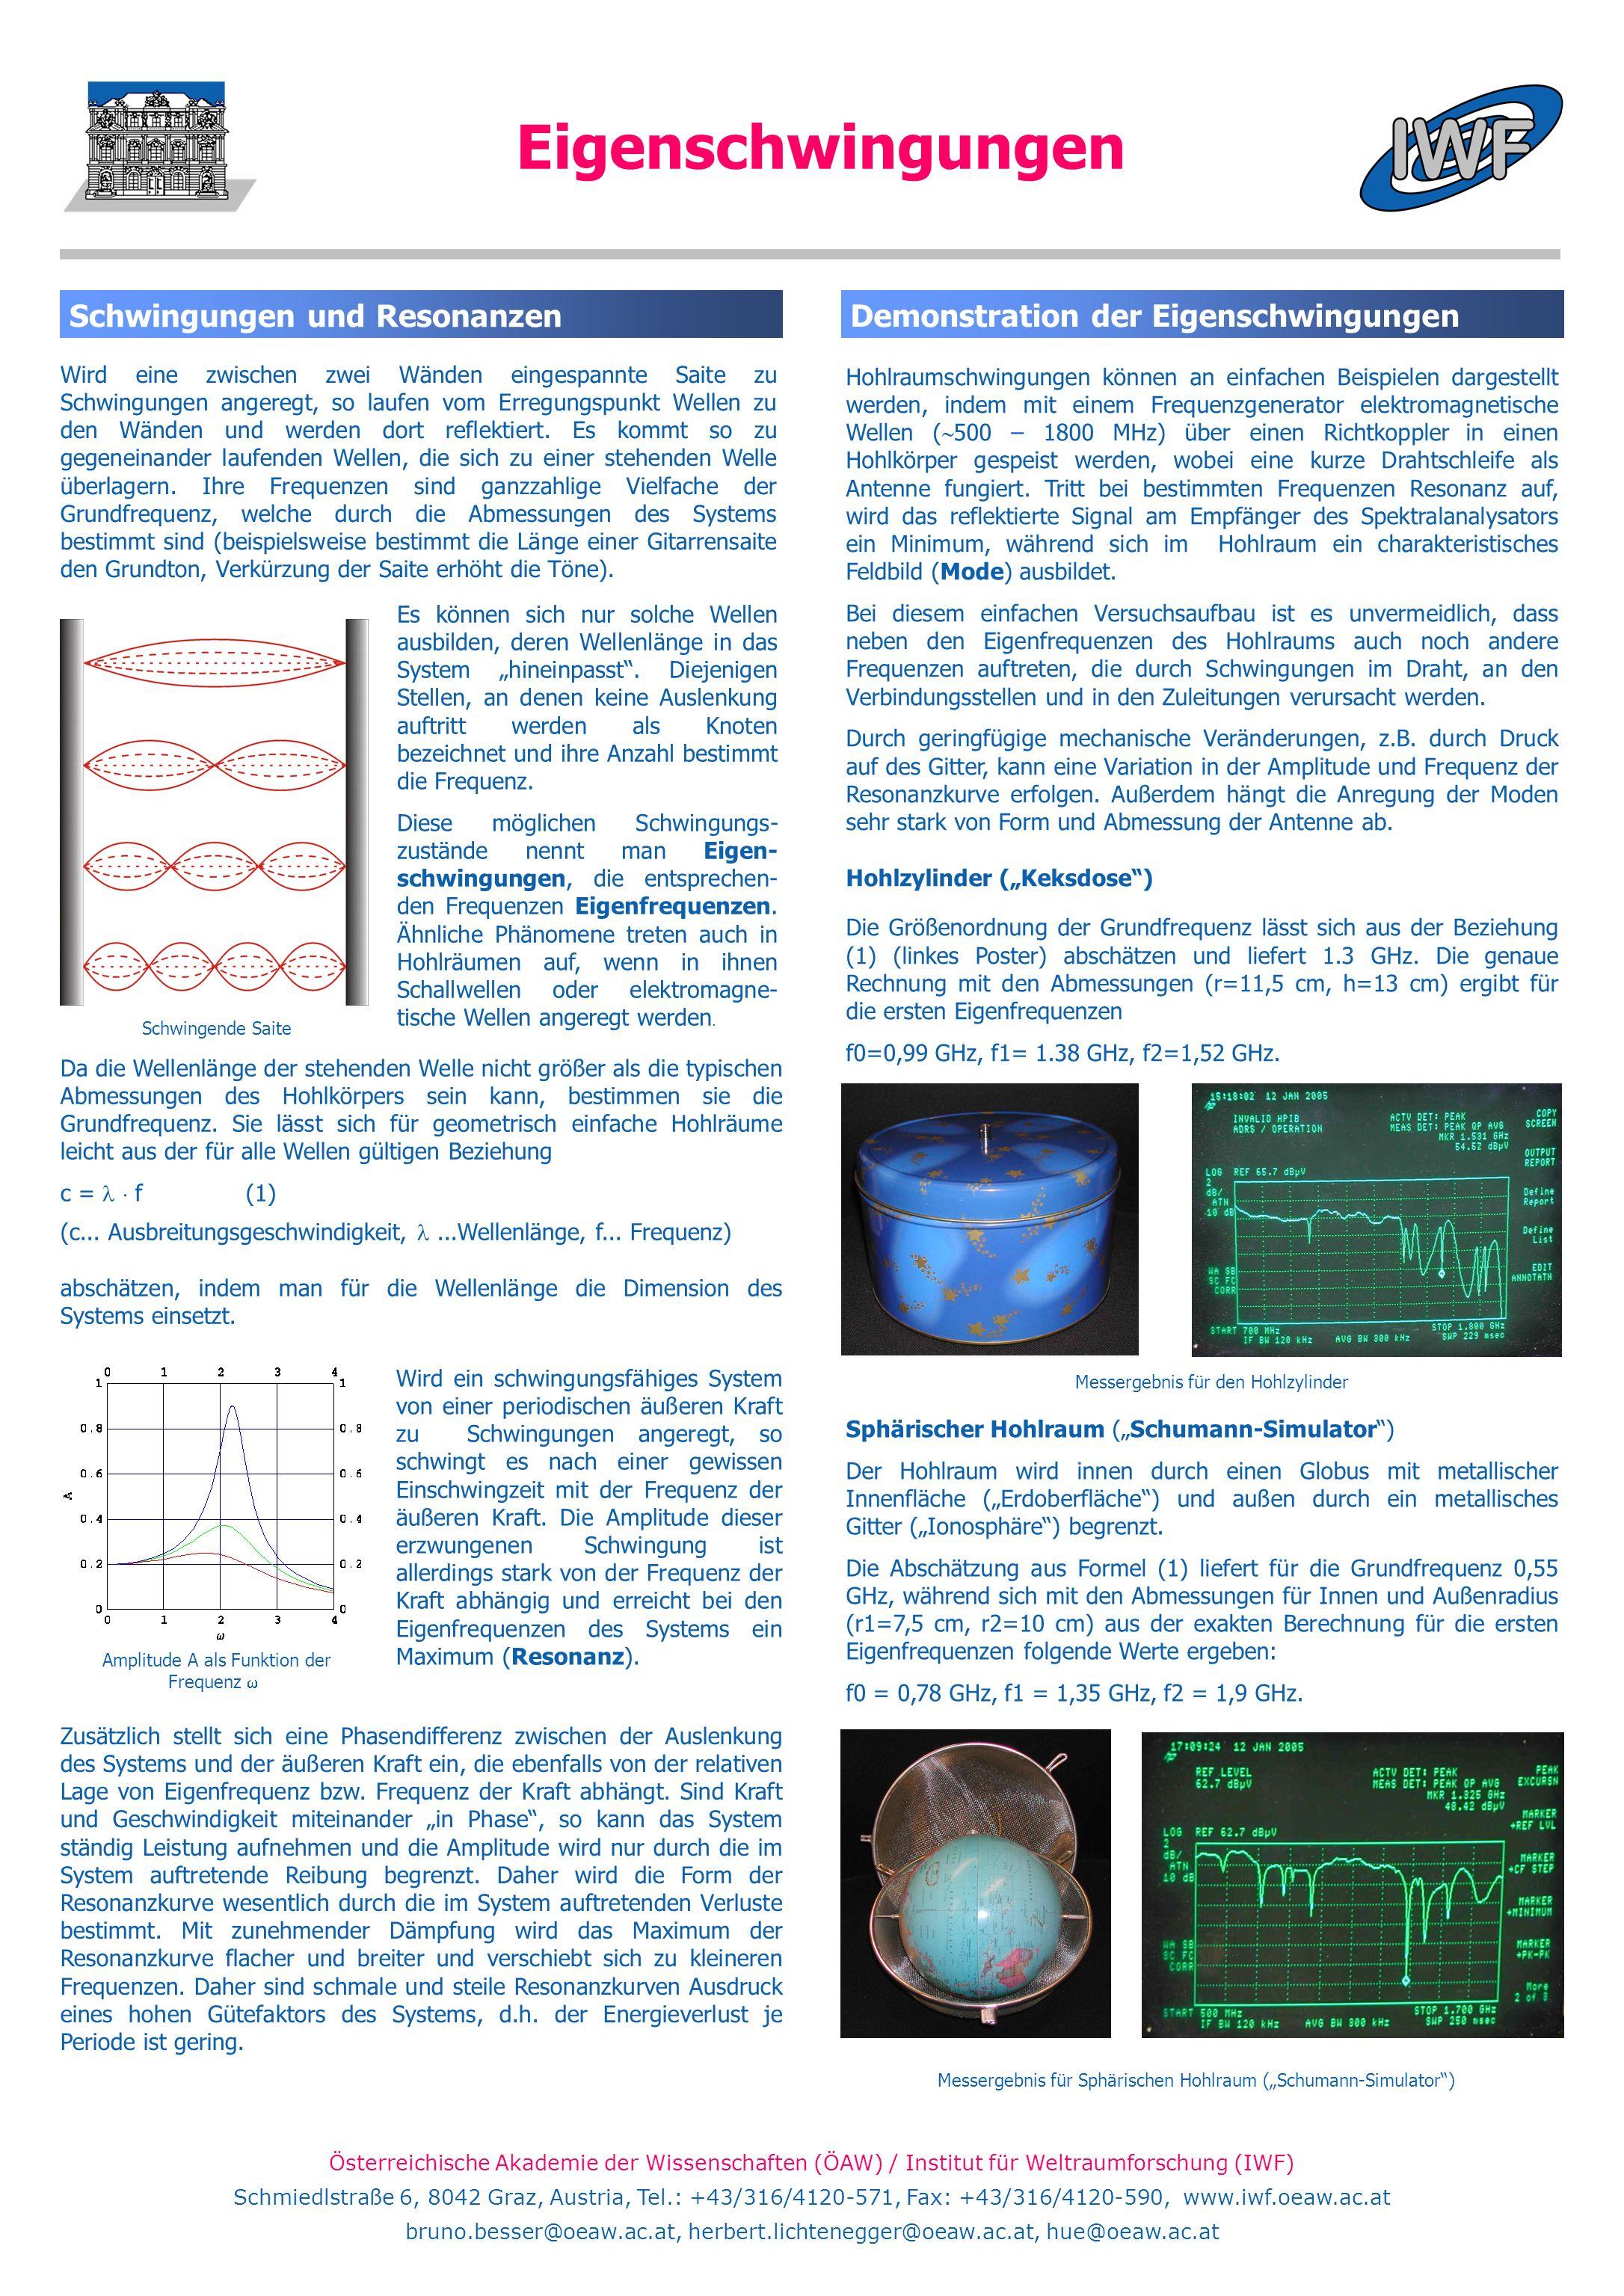 Österreichische Akademie der Wissenschaften (ÖAW) / Institut für Weltraumforschung (IWF) Schmiedlstraße 6, 8042 Graz, Austria, Tel.: +43/316/4120-571,